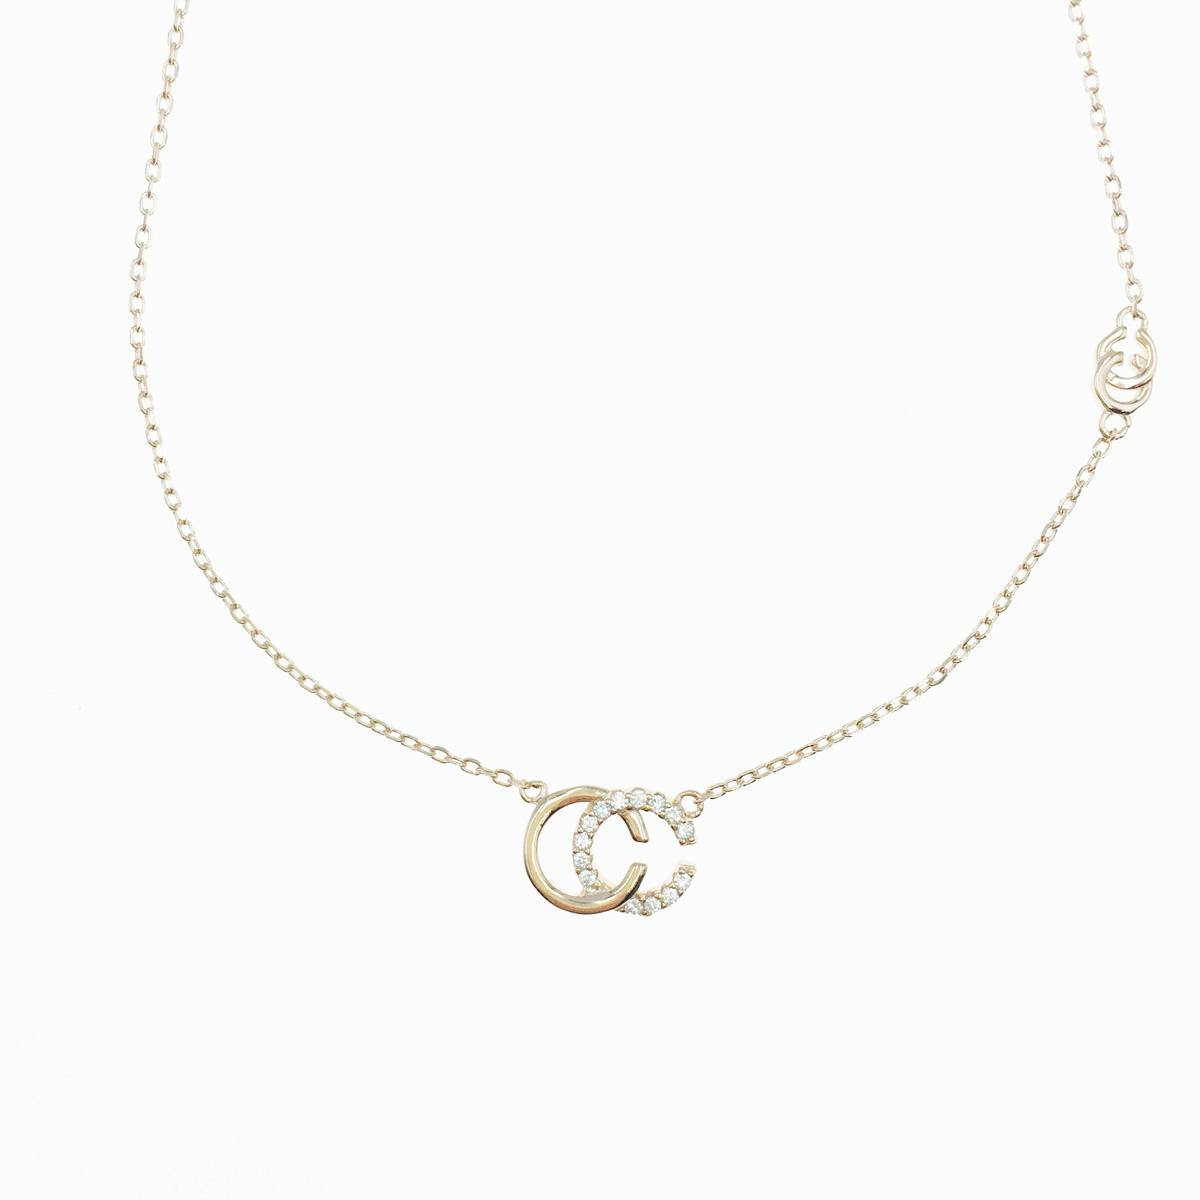 韓國 925純銀 雙C 水鑽 玫瑰金 質感項鍊